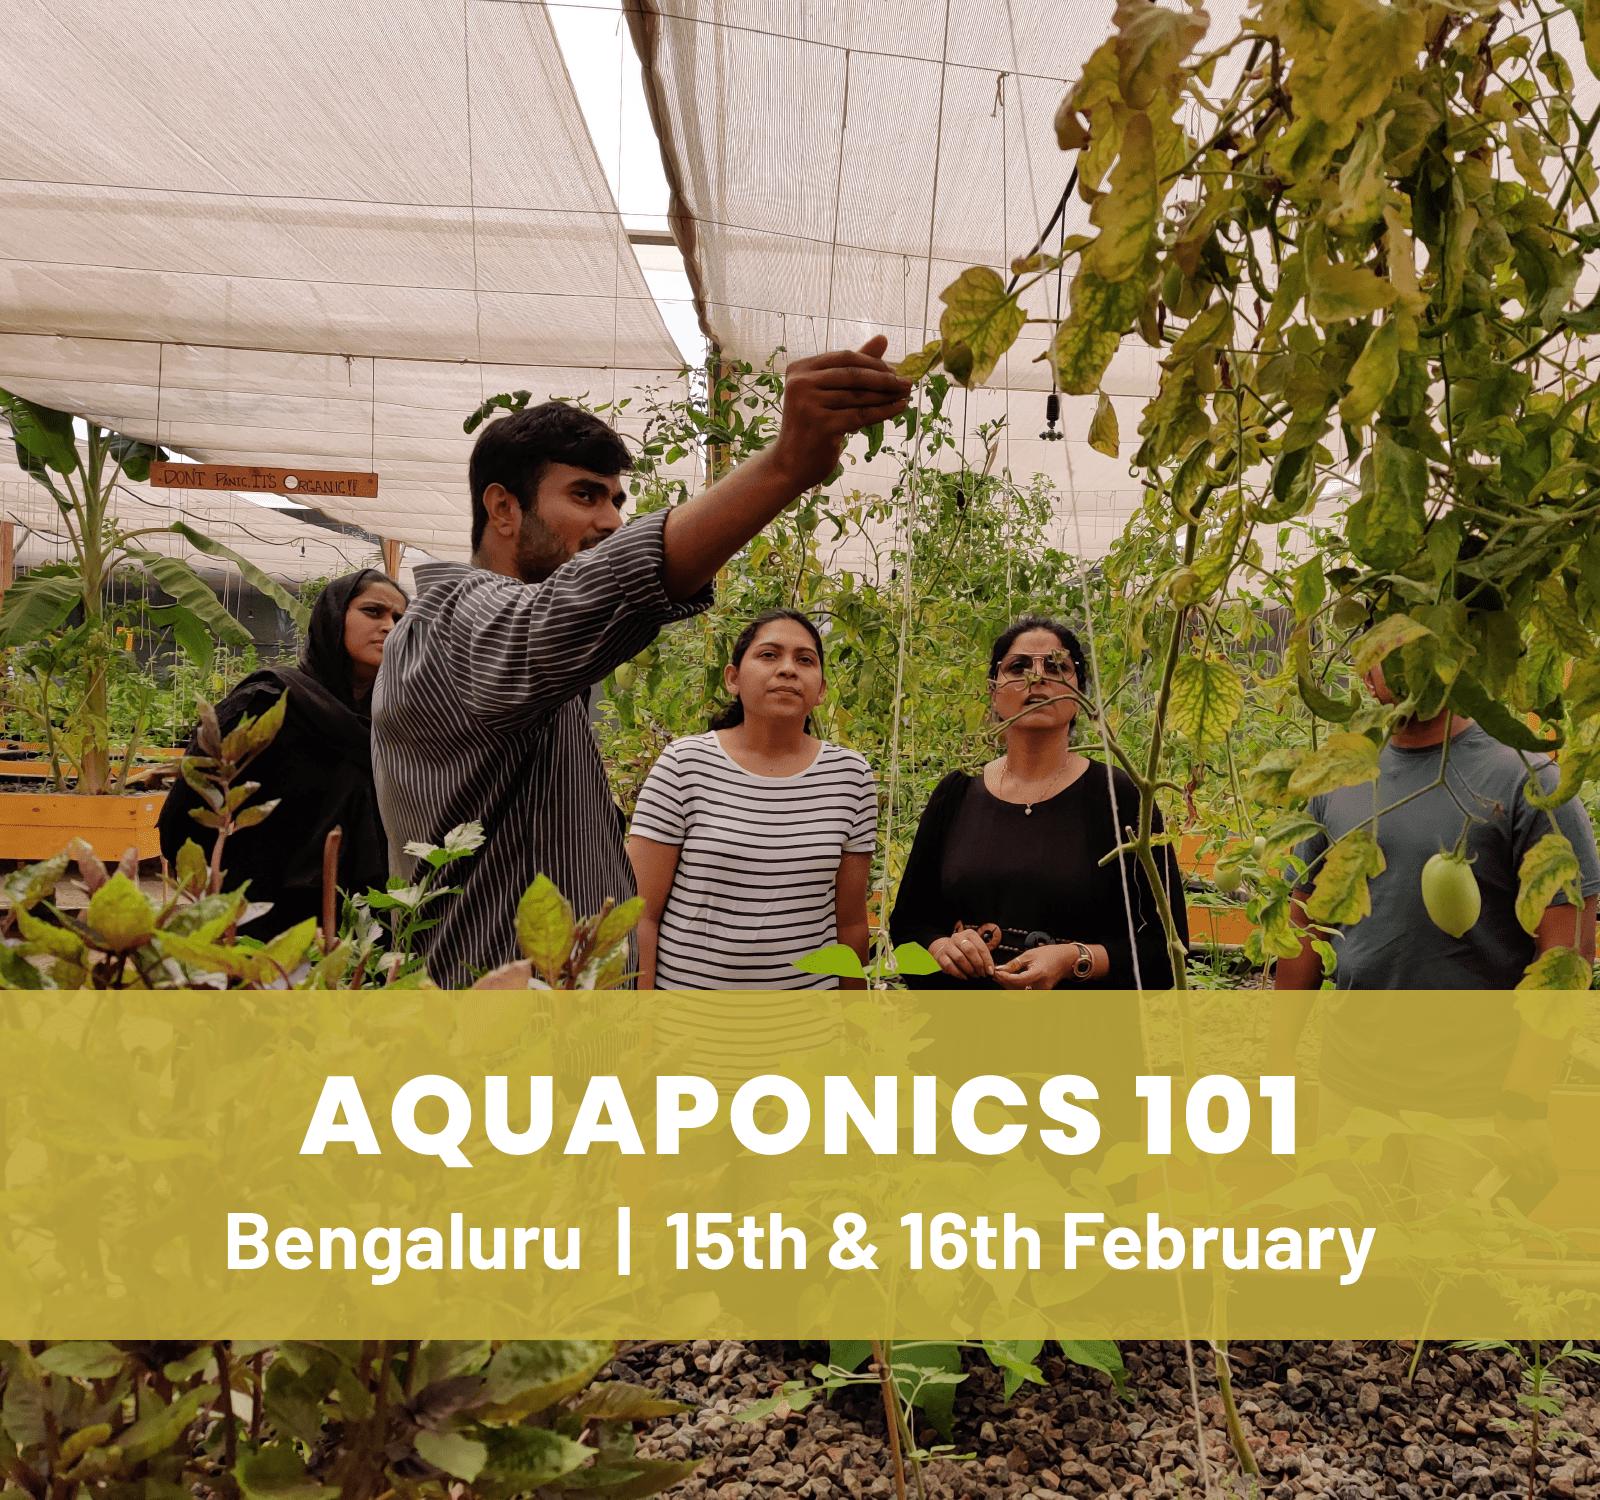 Aquaponics 101 Workshop